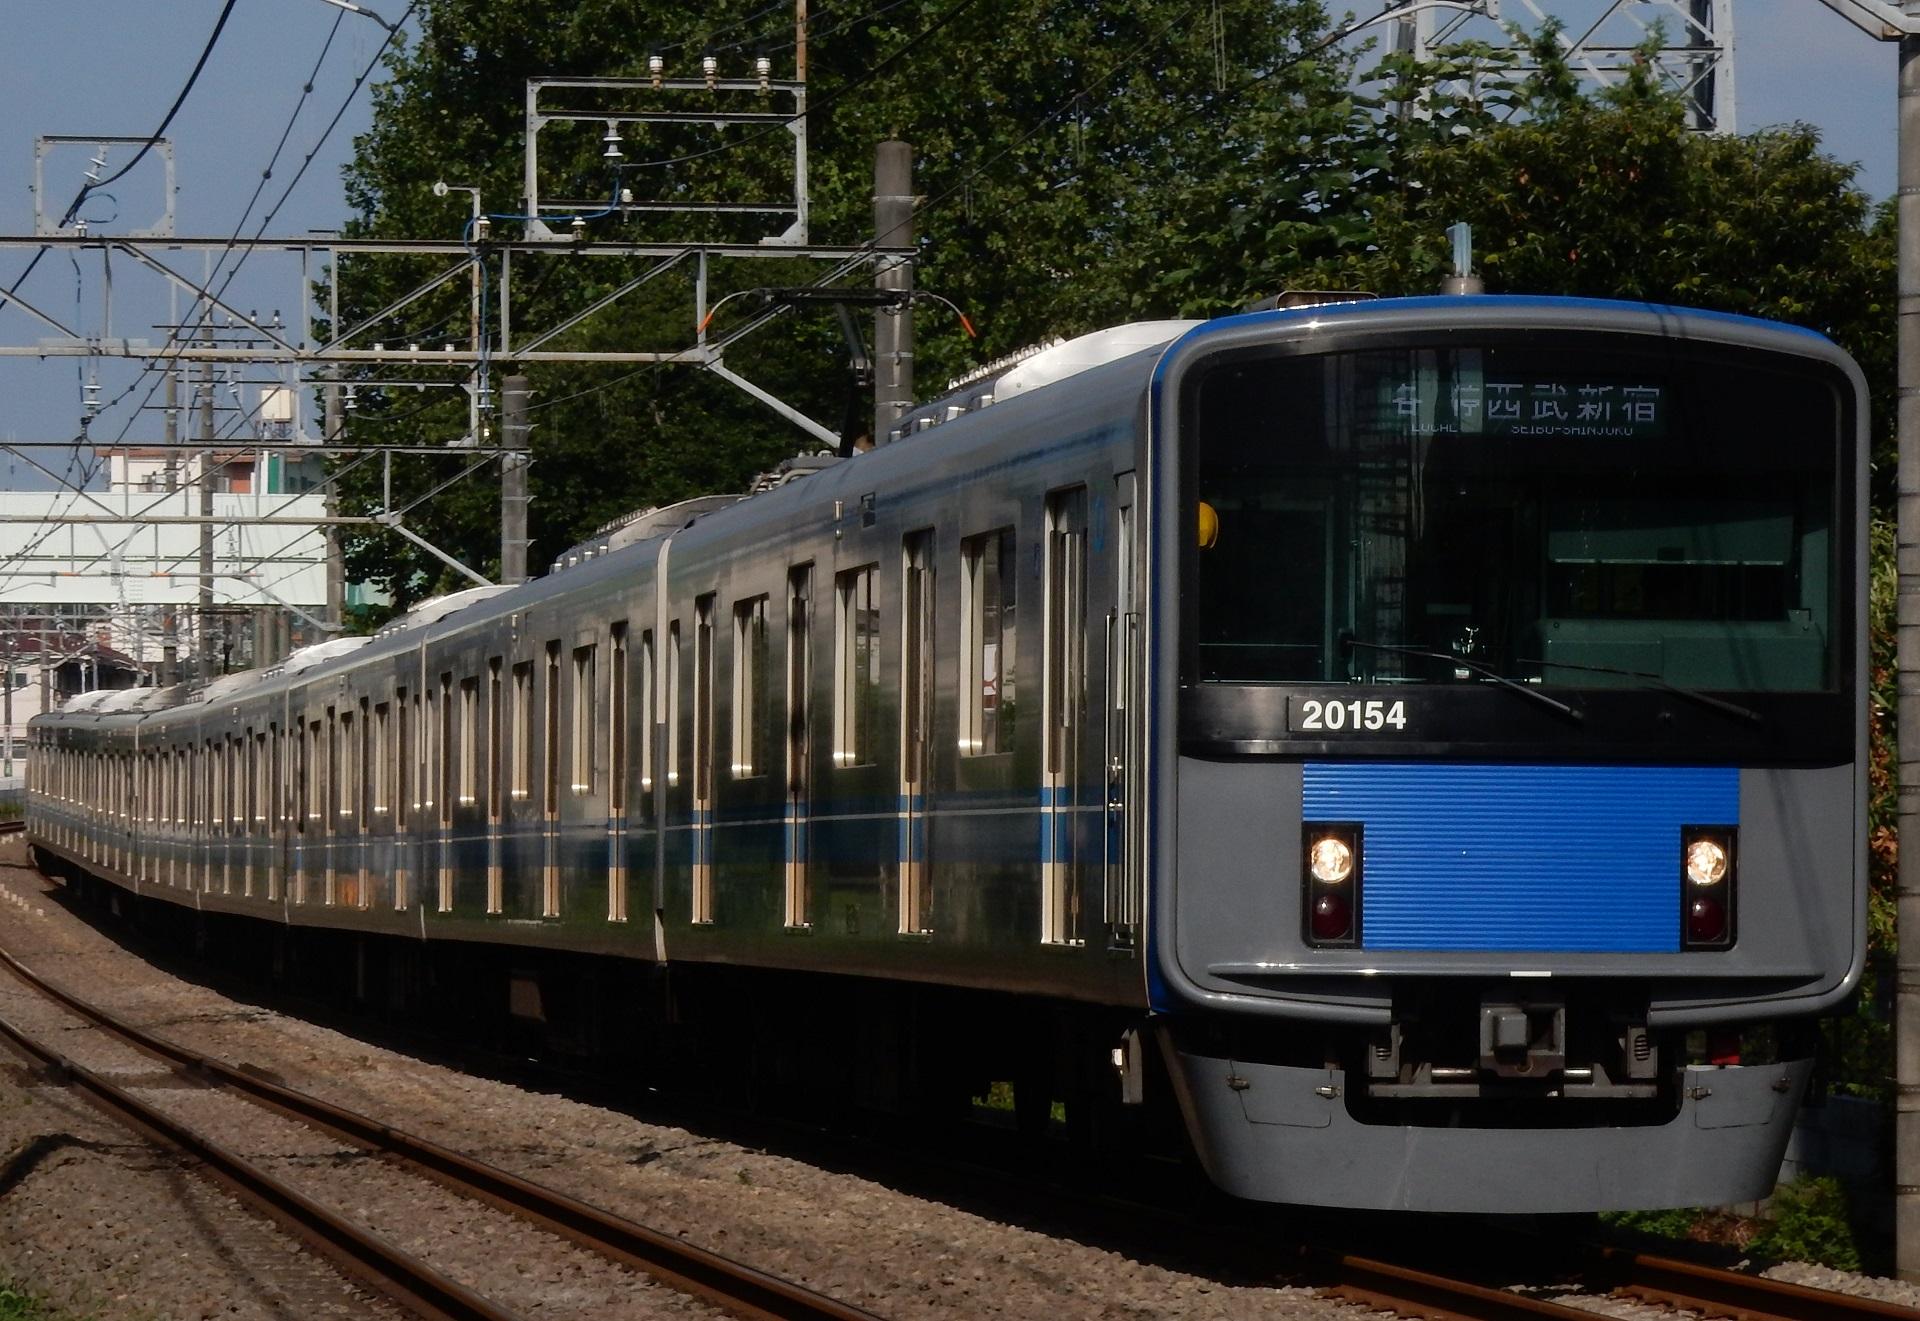 DSCN4860 - コピー